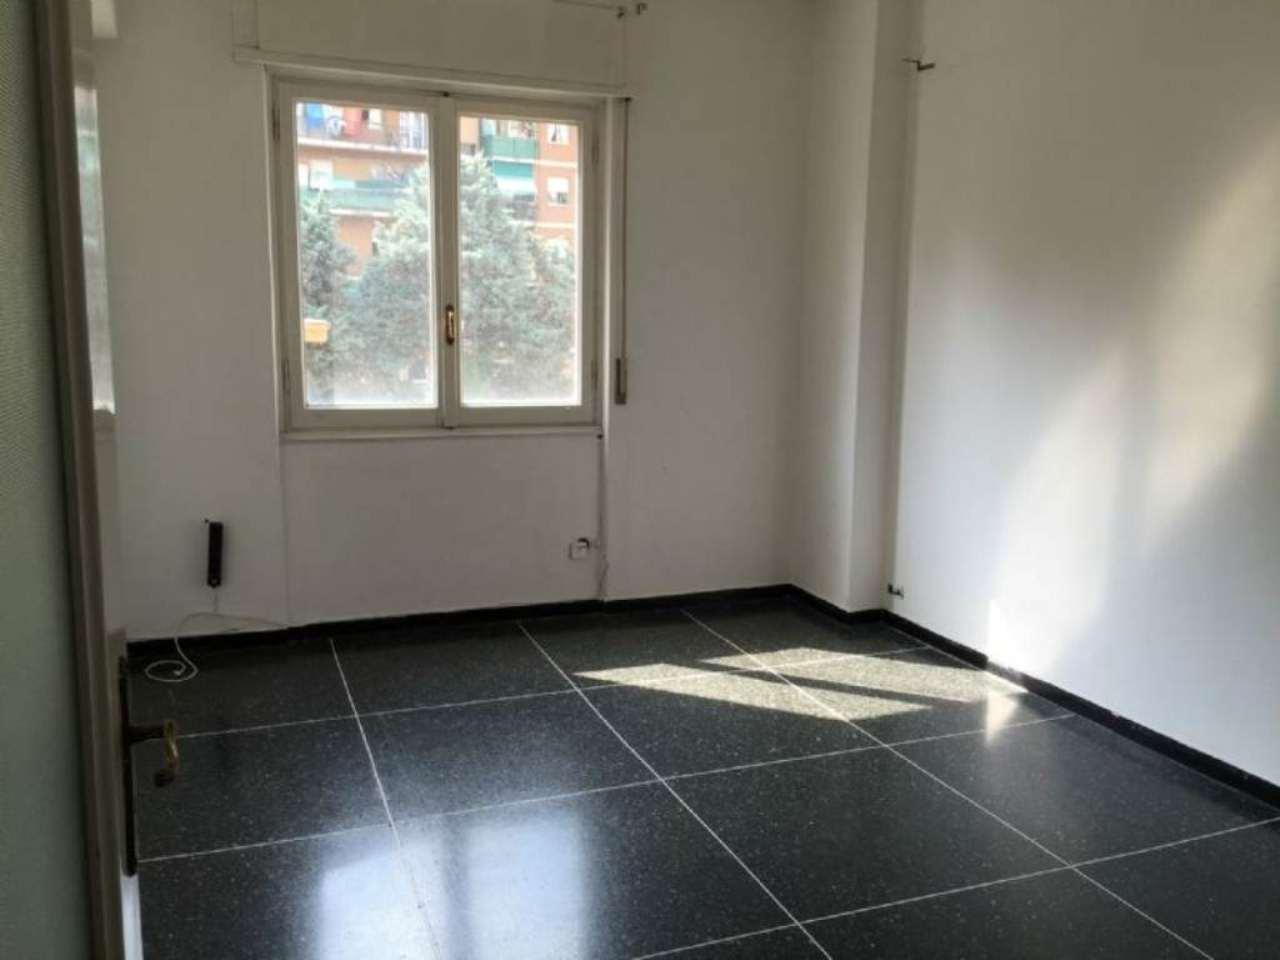 Appartamento in vendita a Genova, 6 locali, zona Zona: 5 . Marassi-Staglieno, prezzo € 120.000 | CambioCasa.it